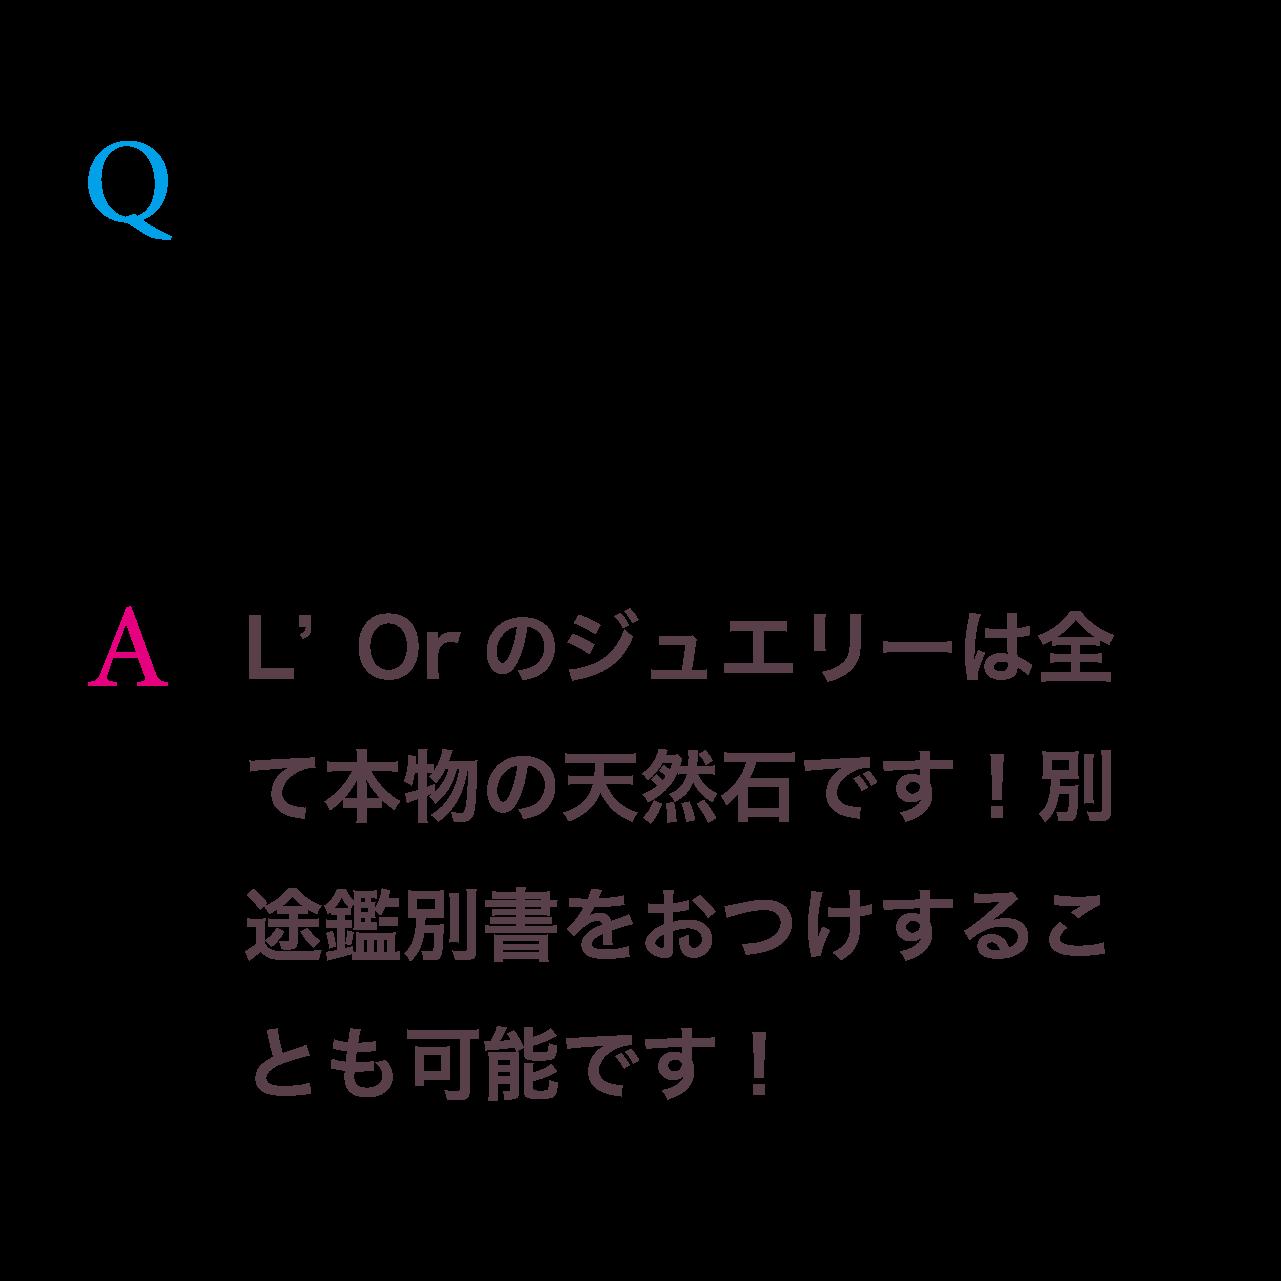 鑑別書発行